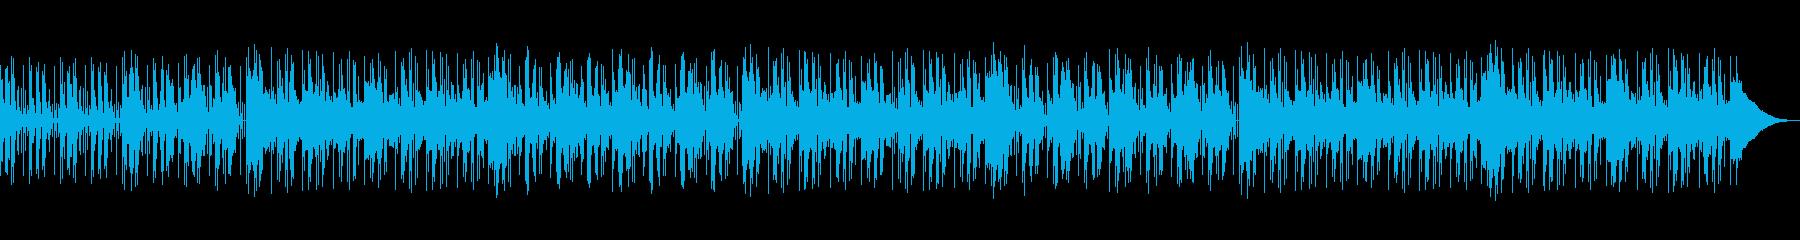 ダークHIPHOP  バトル スパイ潜入の再生済みの波形